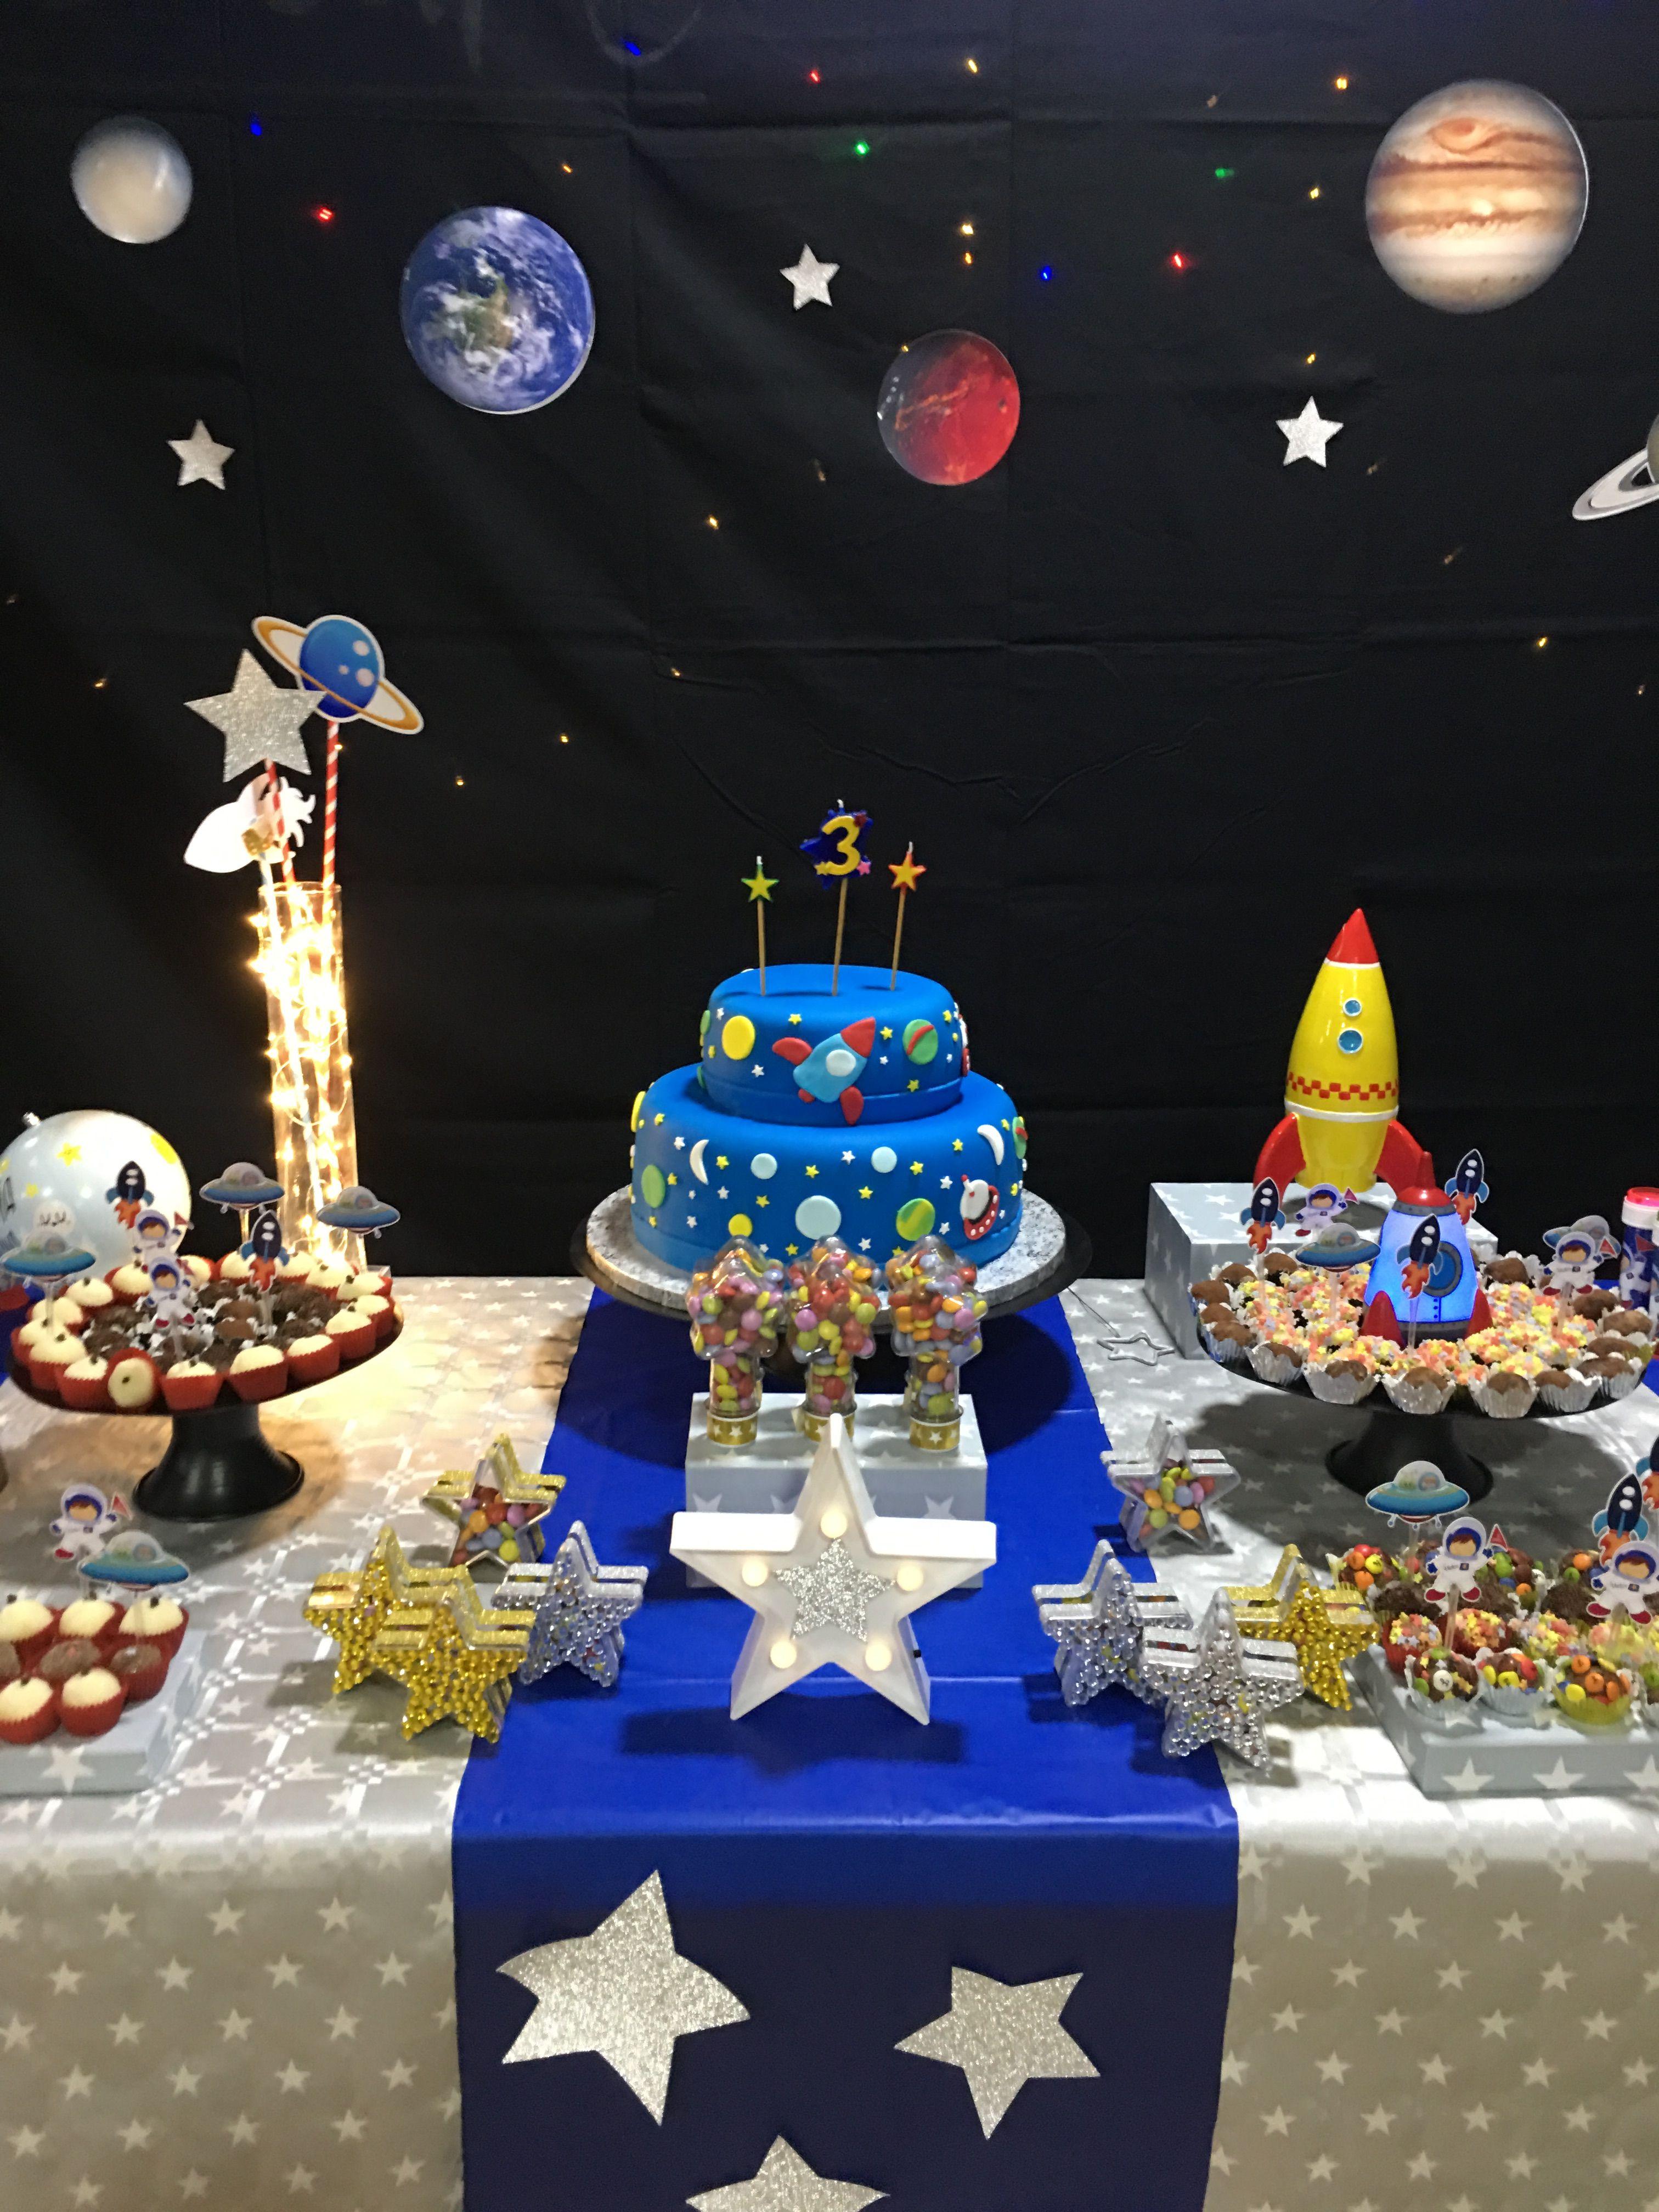 Un super gâteau NASA avec une navette spatiale! A super